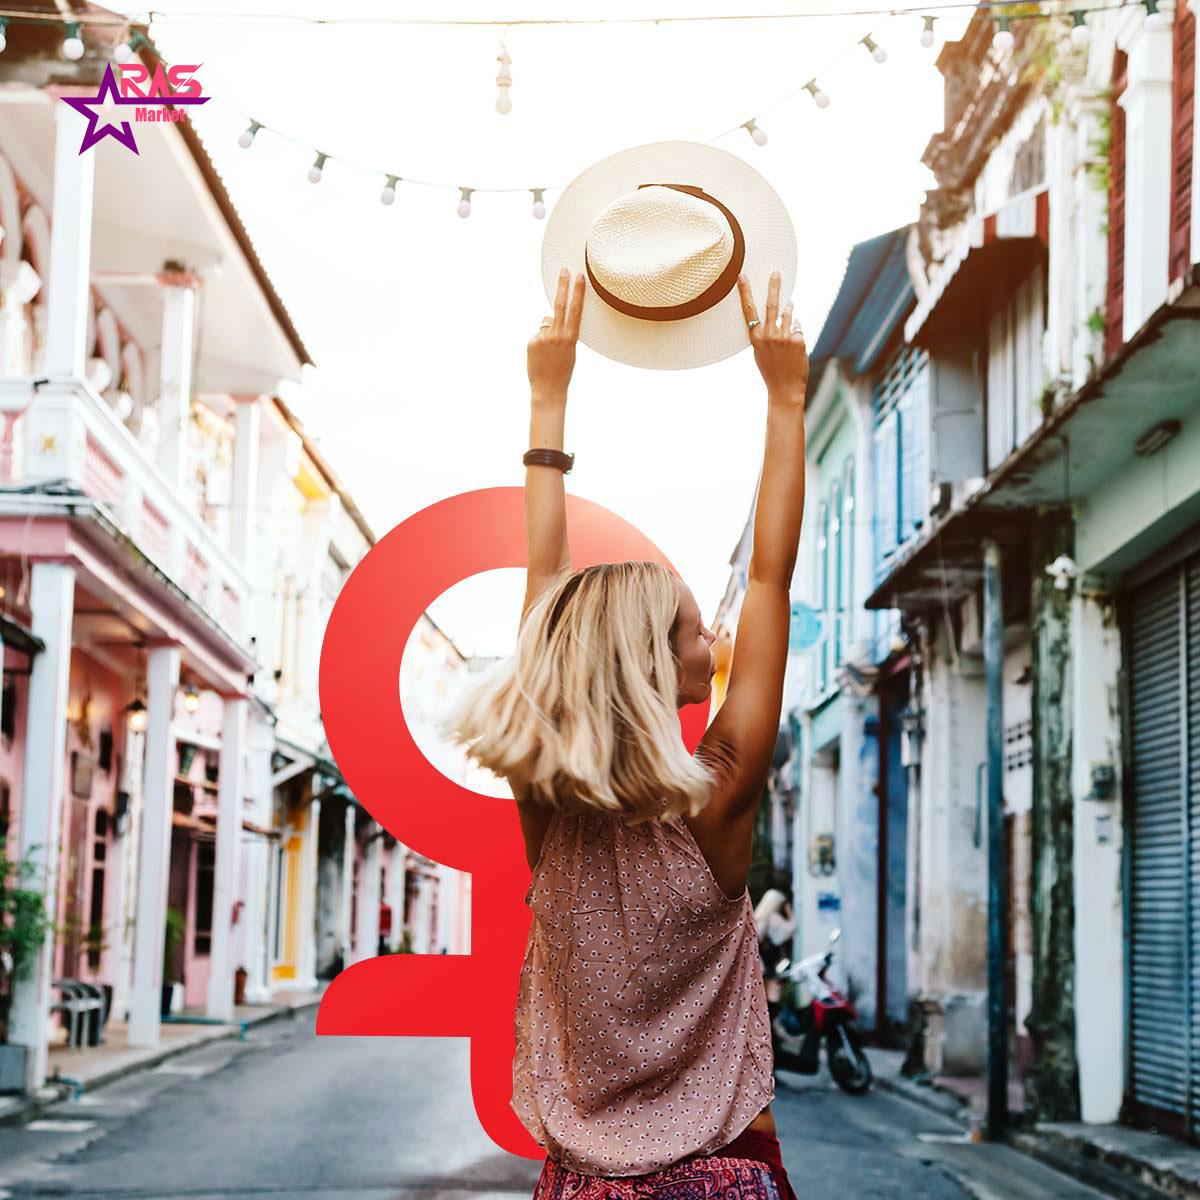 نوار بهداشتی کوتکس ULTRA اندازه بزرگ 20 عددی ، فروشگاه اینترنتی ارس مارکت ، بهداشت بانوان ، پد بهداشتی بانوان